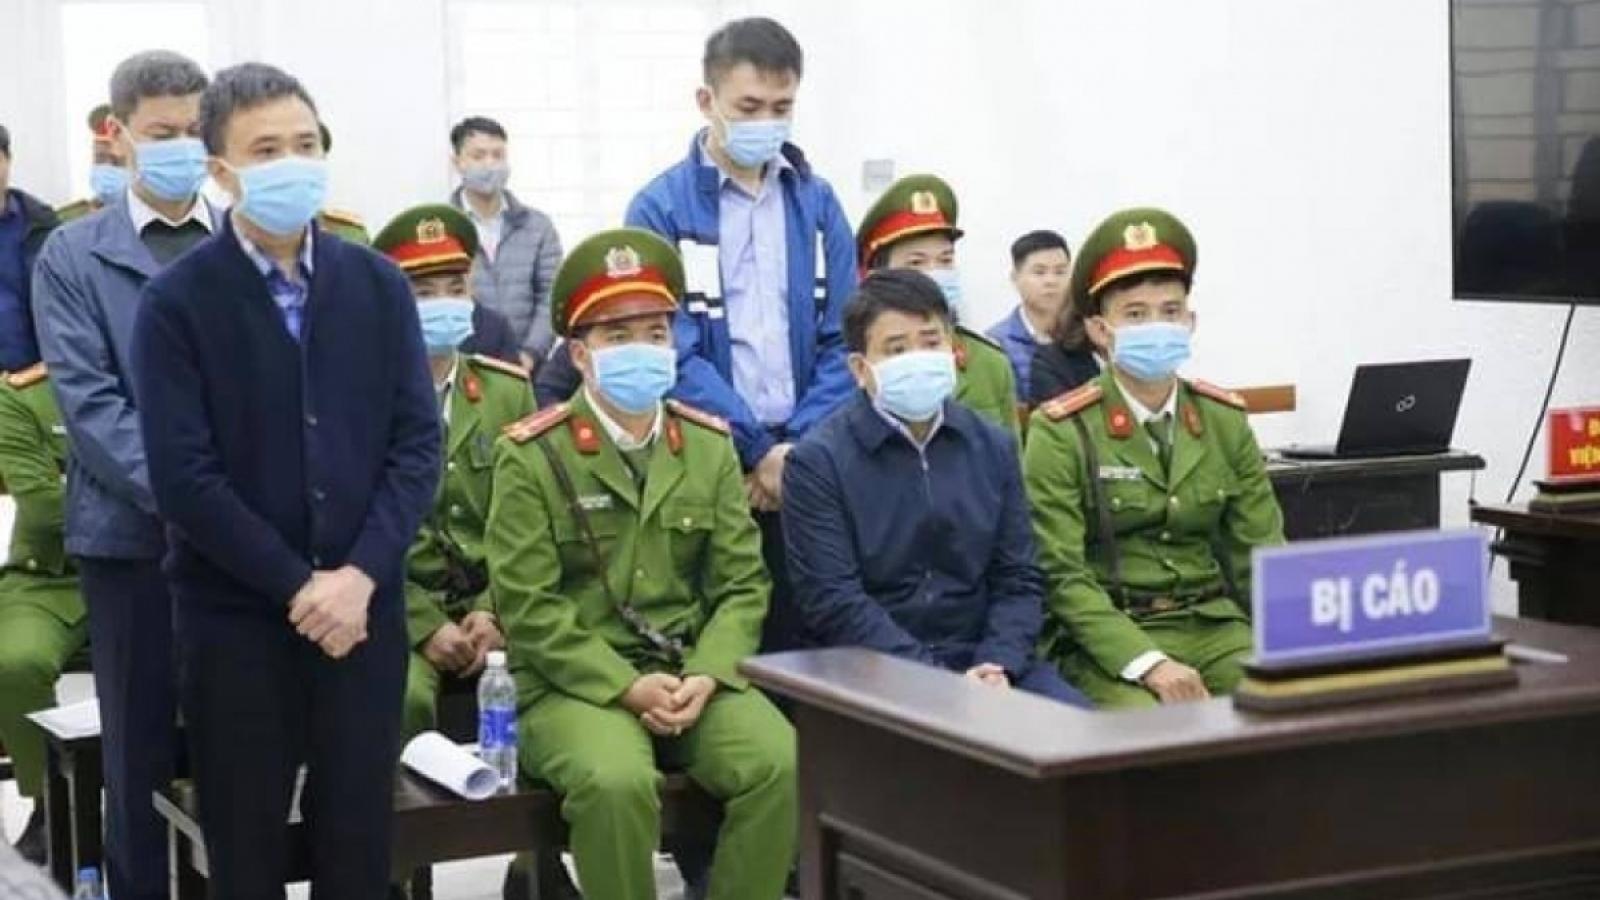 Nóng 24h: Ông Nguyễn Đức Chung chịu tội gì trong vụ mua chế phẩm Redoxy?